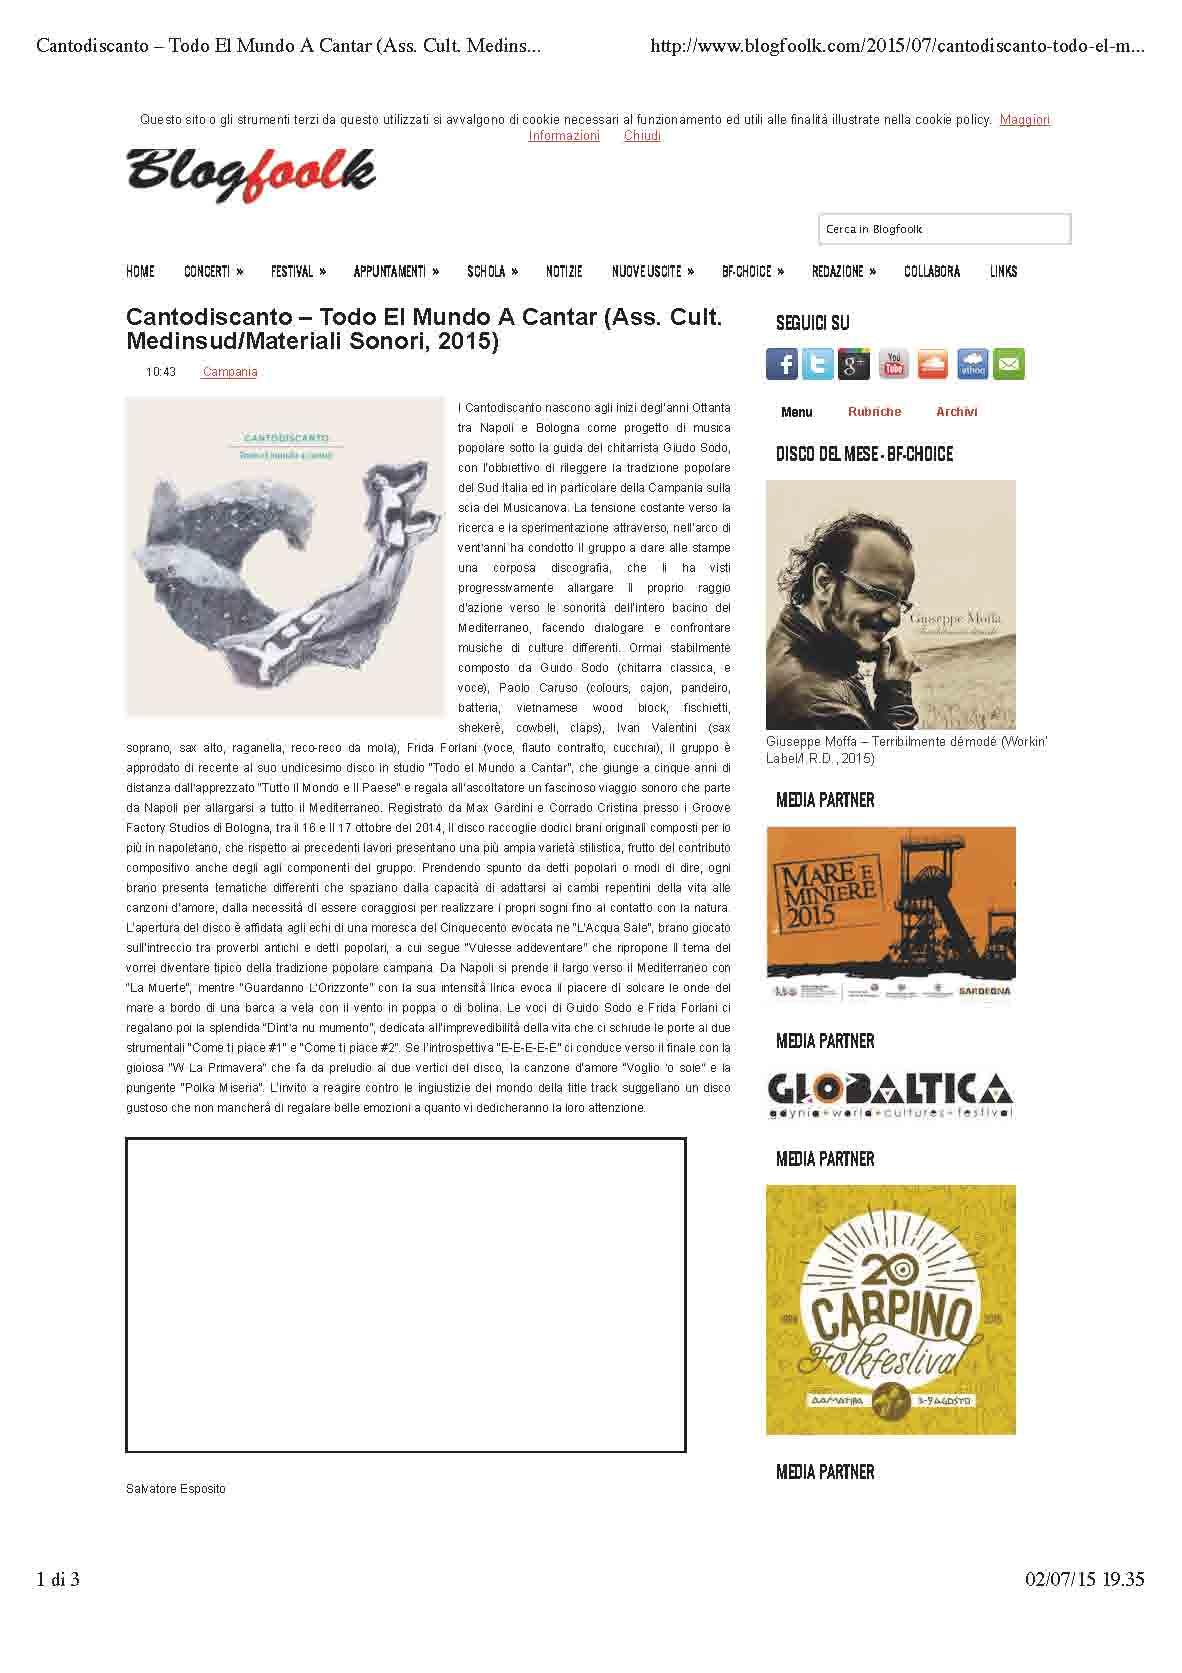 Blogfoolk Todo el mundo_ 01_01_2015_Pagina_1